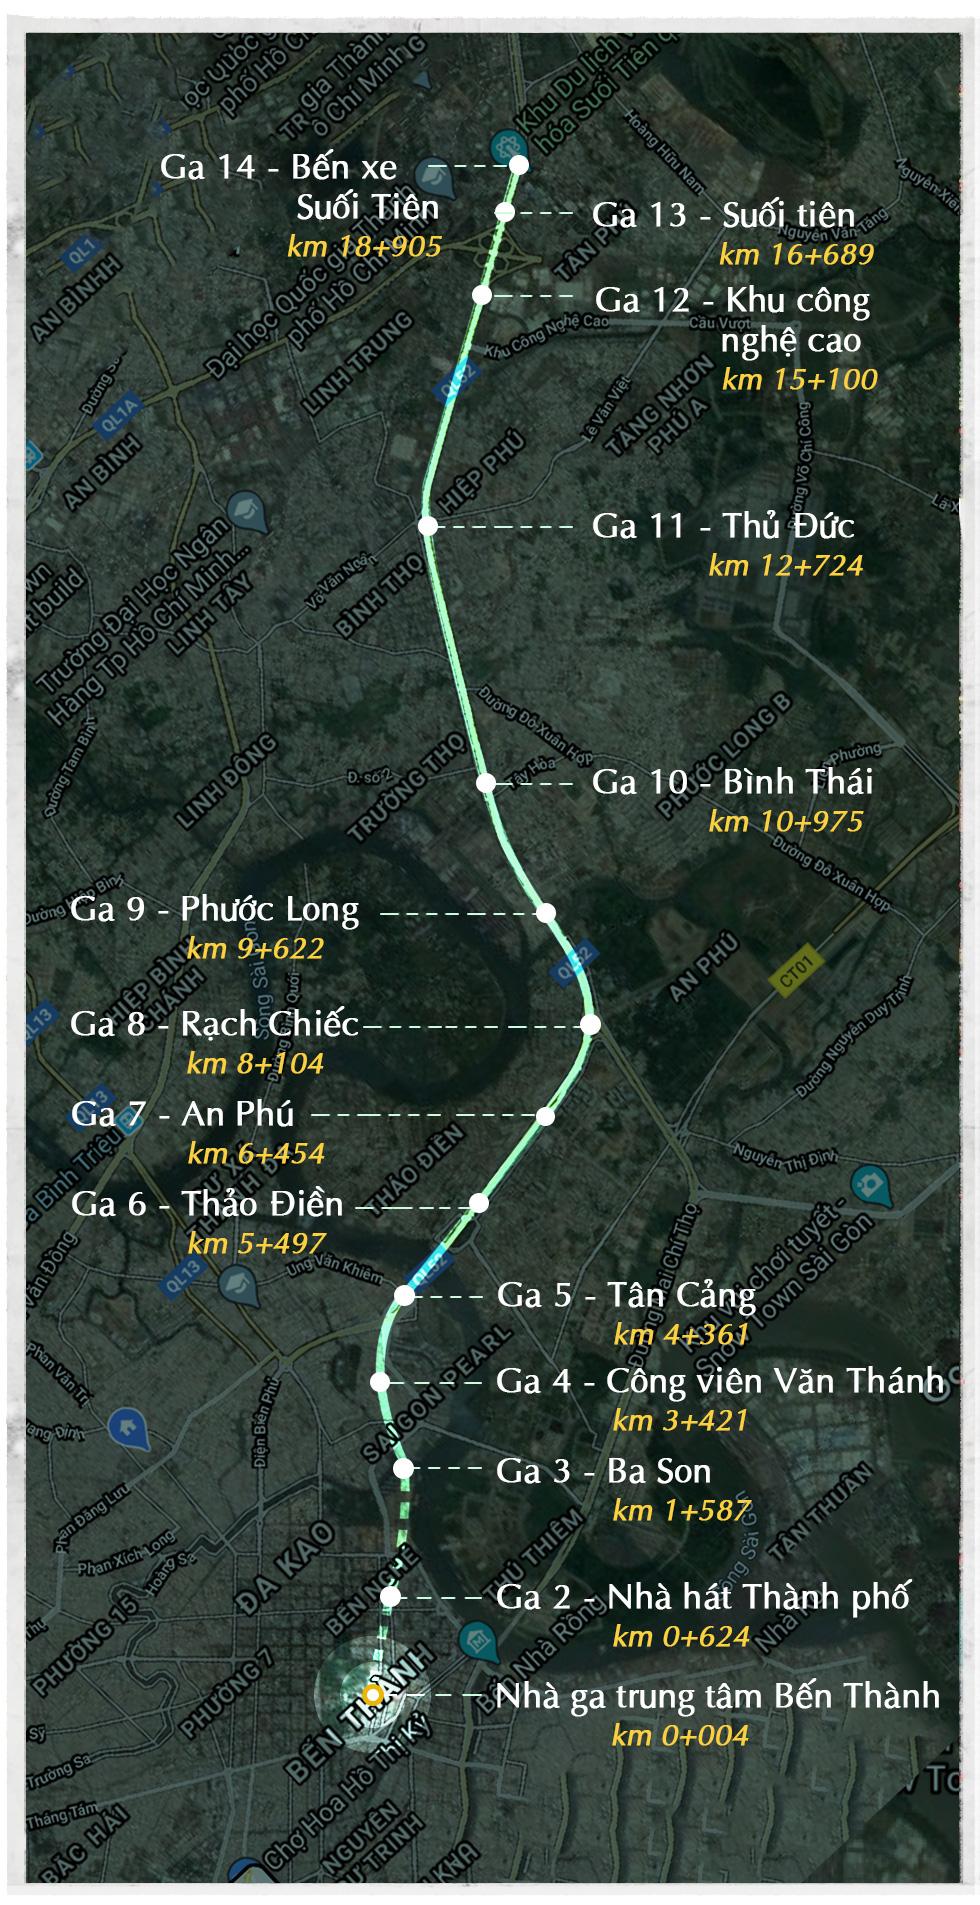 Xuống lòng đất Sài Gòn, khám phá trái tim công trình metro ngầm - Ảnh 11.